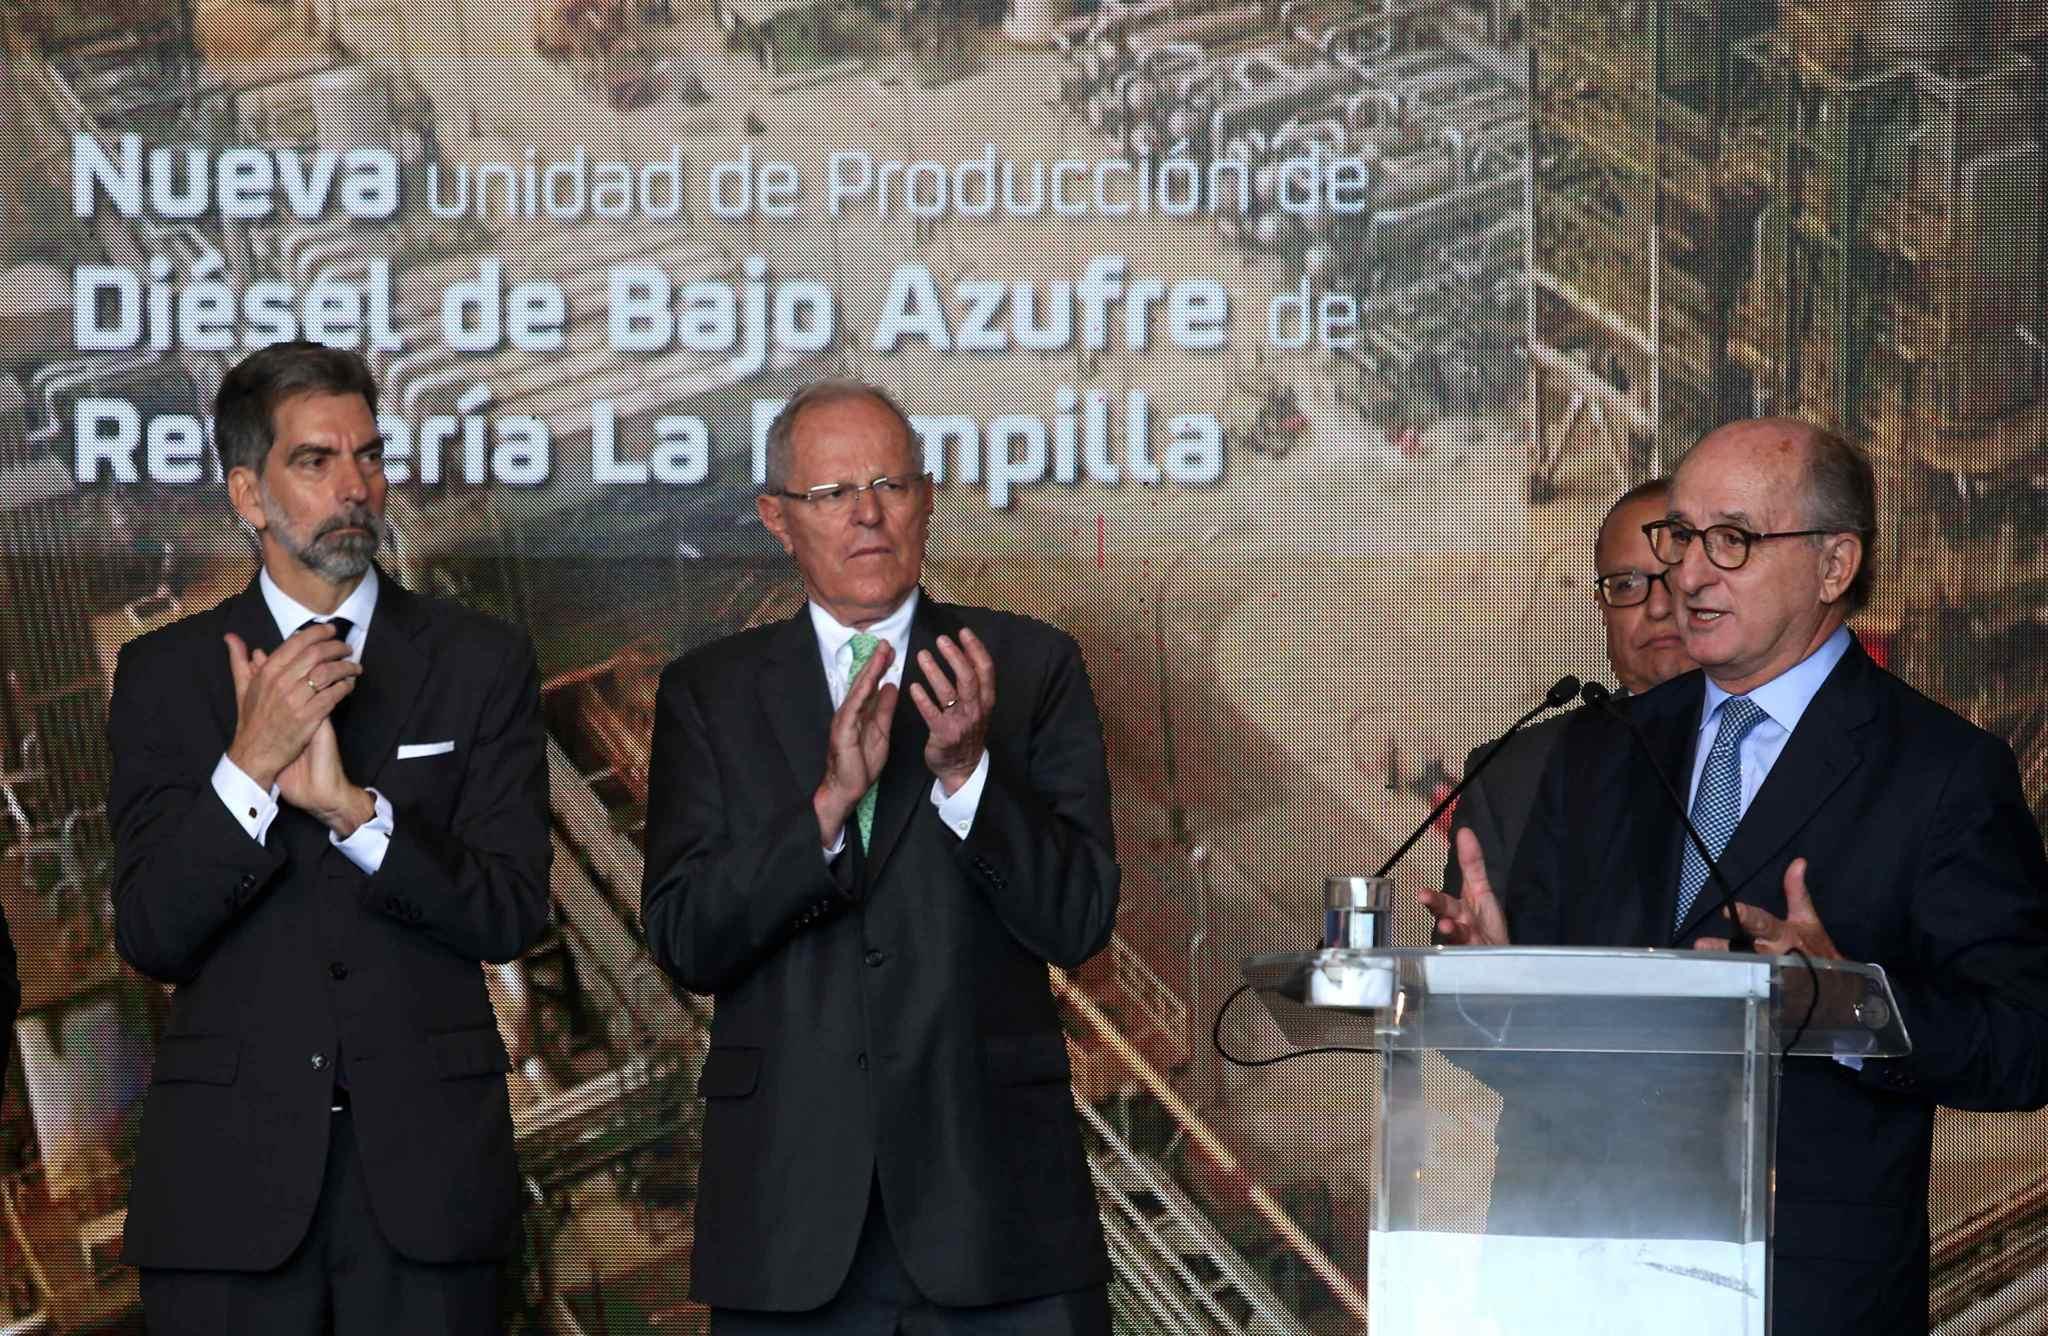 El mandatario peruano, Pablo Kuczynski (c), el presidente de Repsol, Antonio Brufau (d), y el embajador español en Perú, Ernesto de Zulueta.